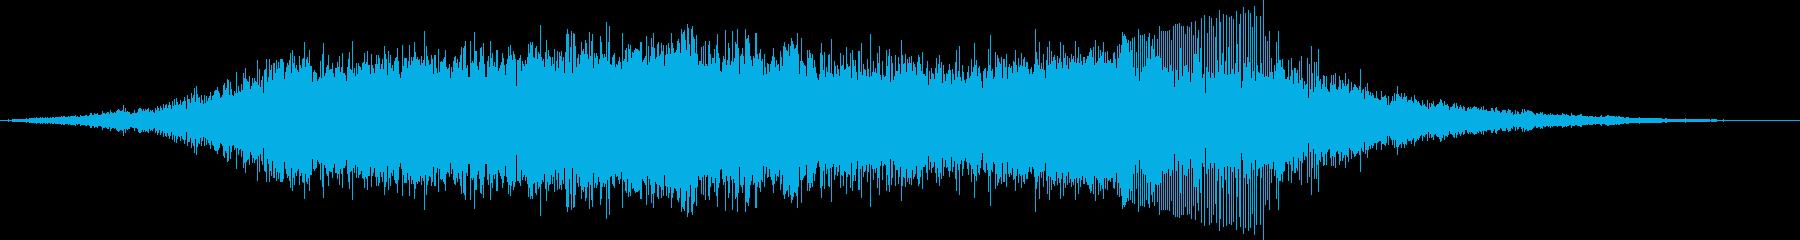 スプリントカートレーシングの再生済みの波形